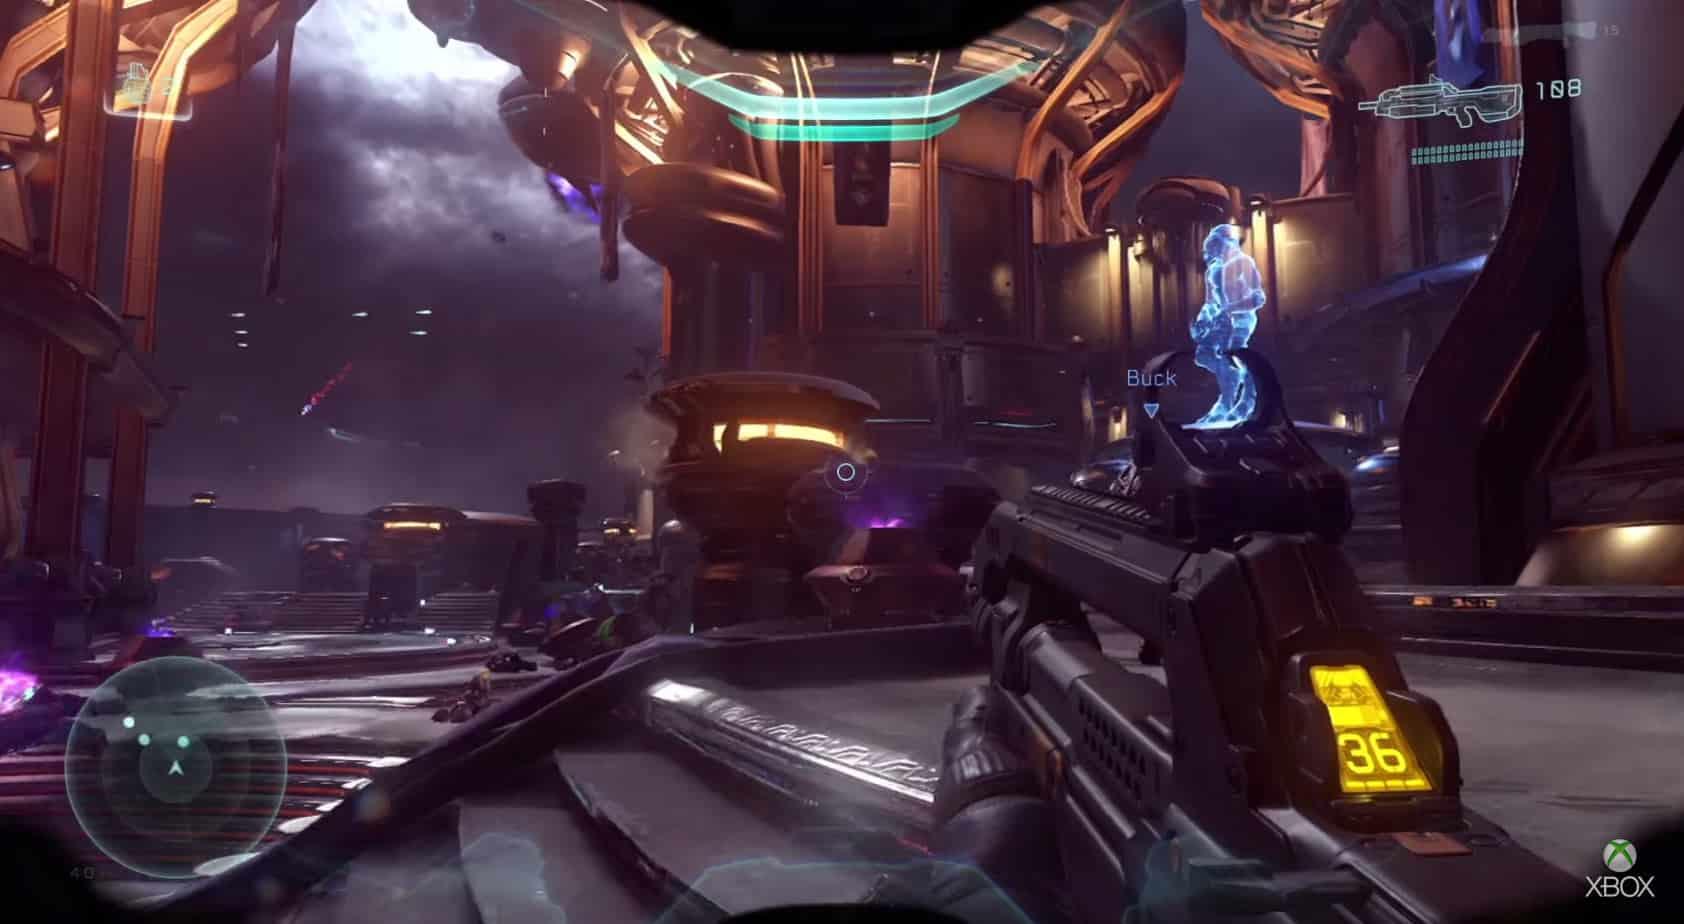 Halo-5-Guardians-7-Minuten-Gameplay-und-Releasetermin